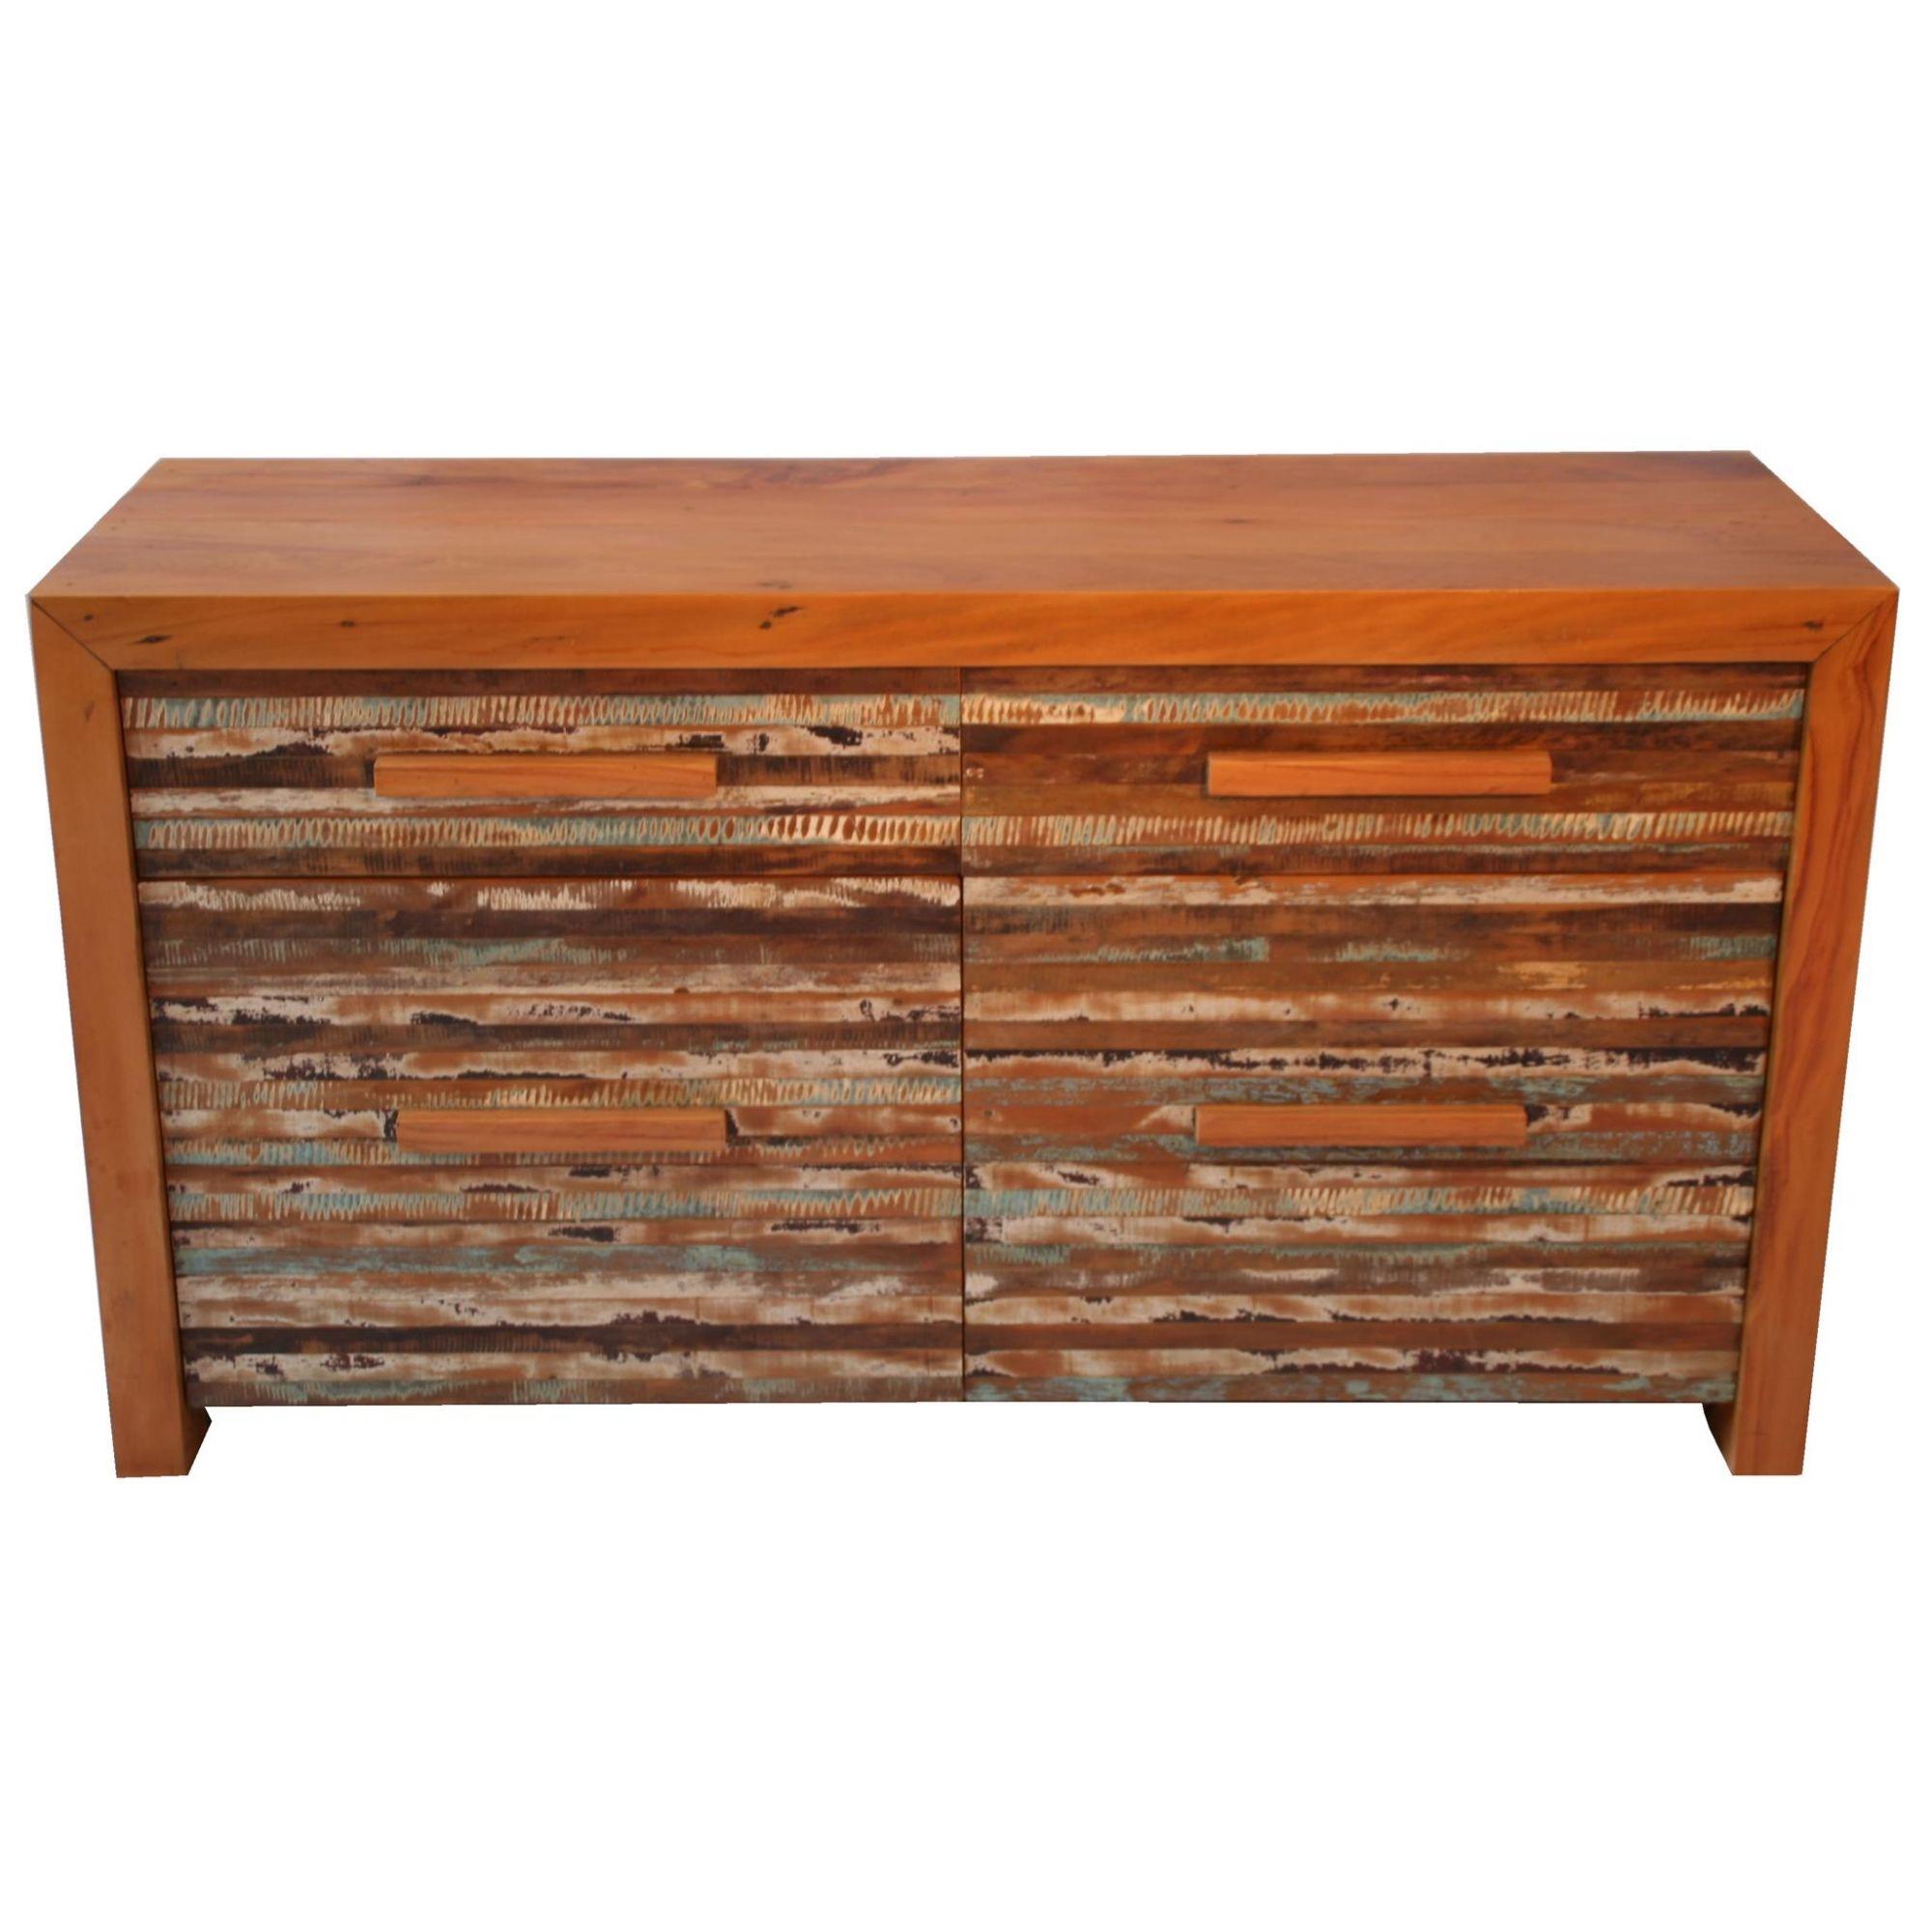 aparador buffet medindo 1 20 x 0 40 com 2 gavetas e 2 portas em madeira de demoli o. Black Bedroom Furniture Sets. Home Design Ideas